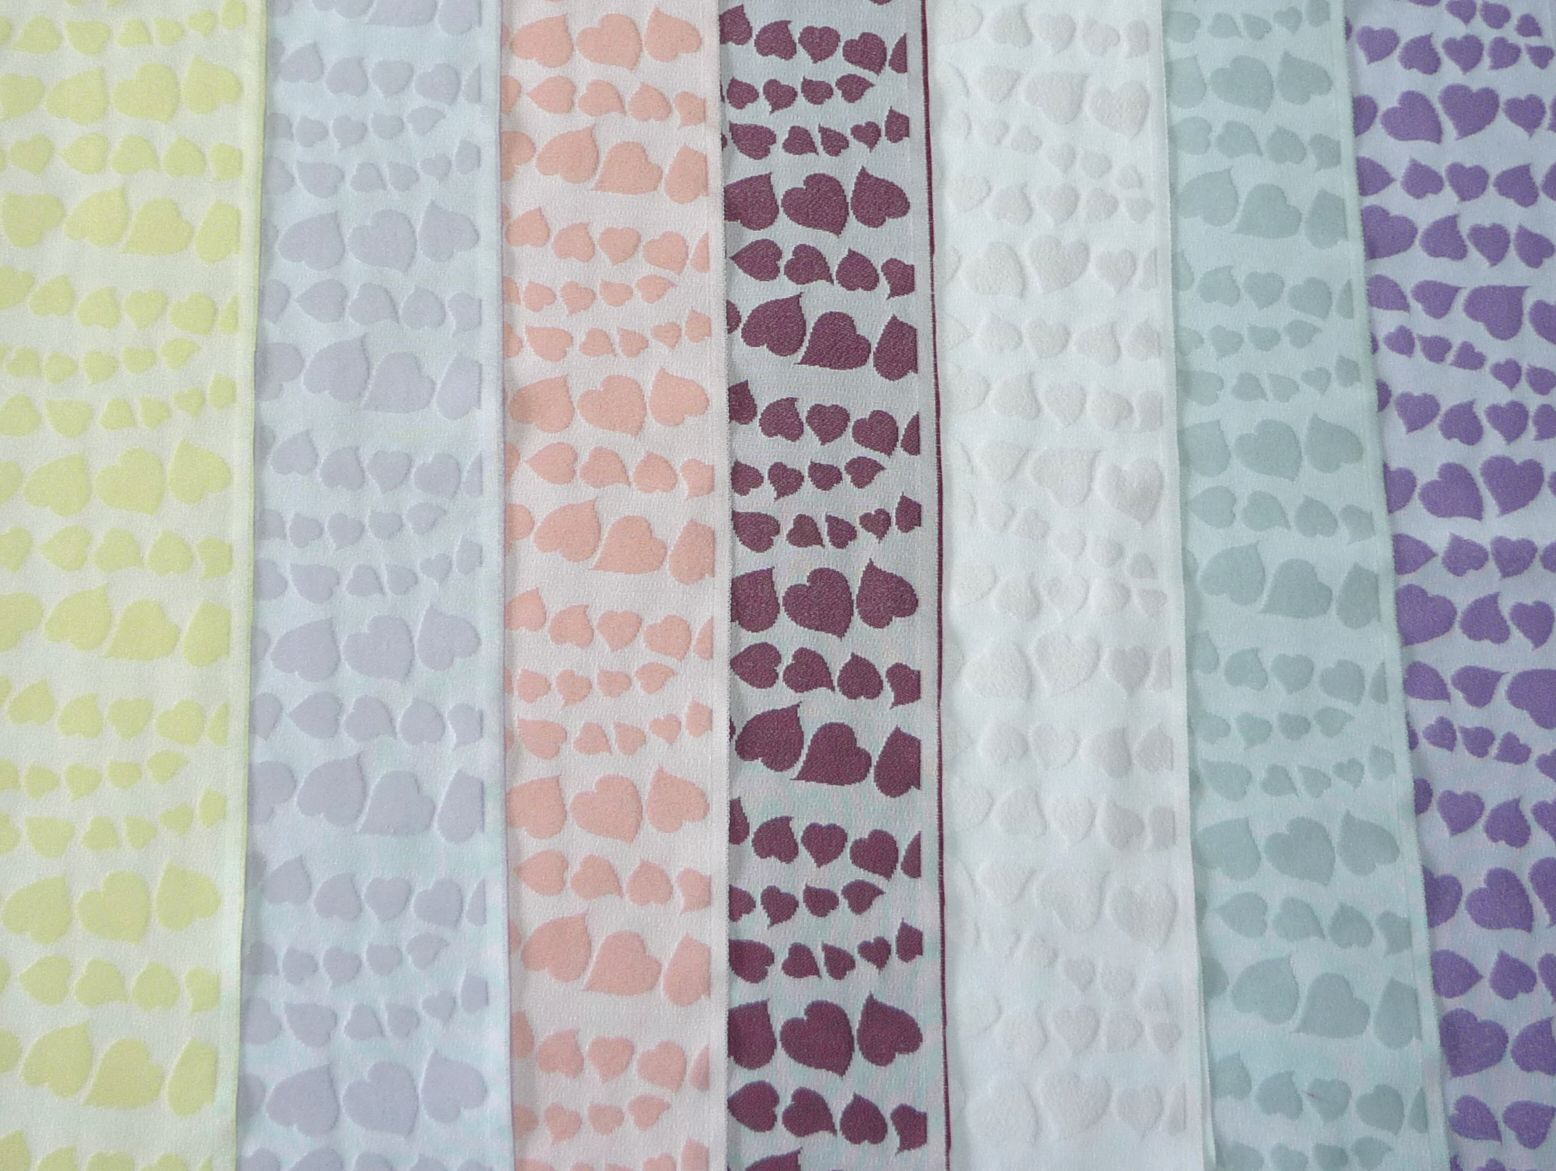 ハート花びら☆華やかな半襟【正規品】 絹交織半衿 絹40%使用